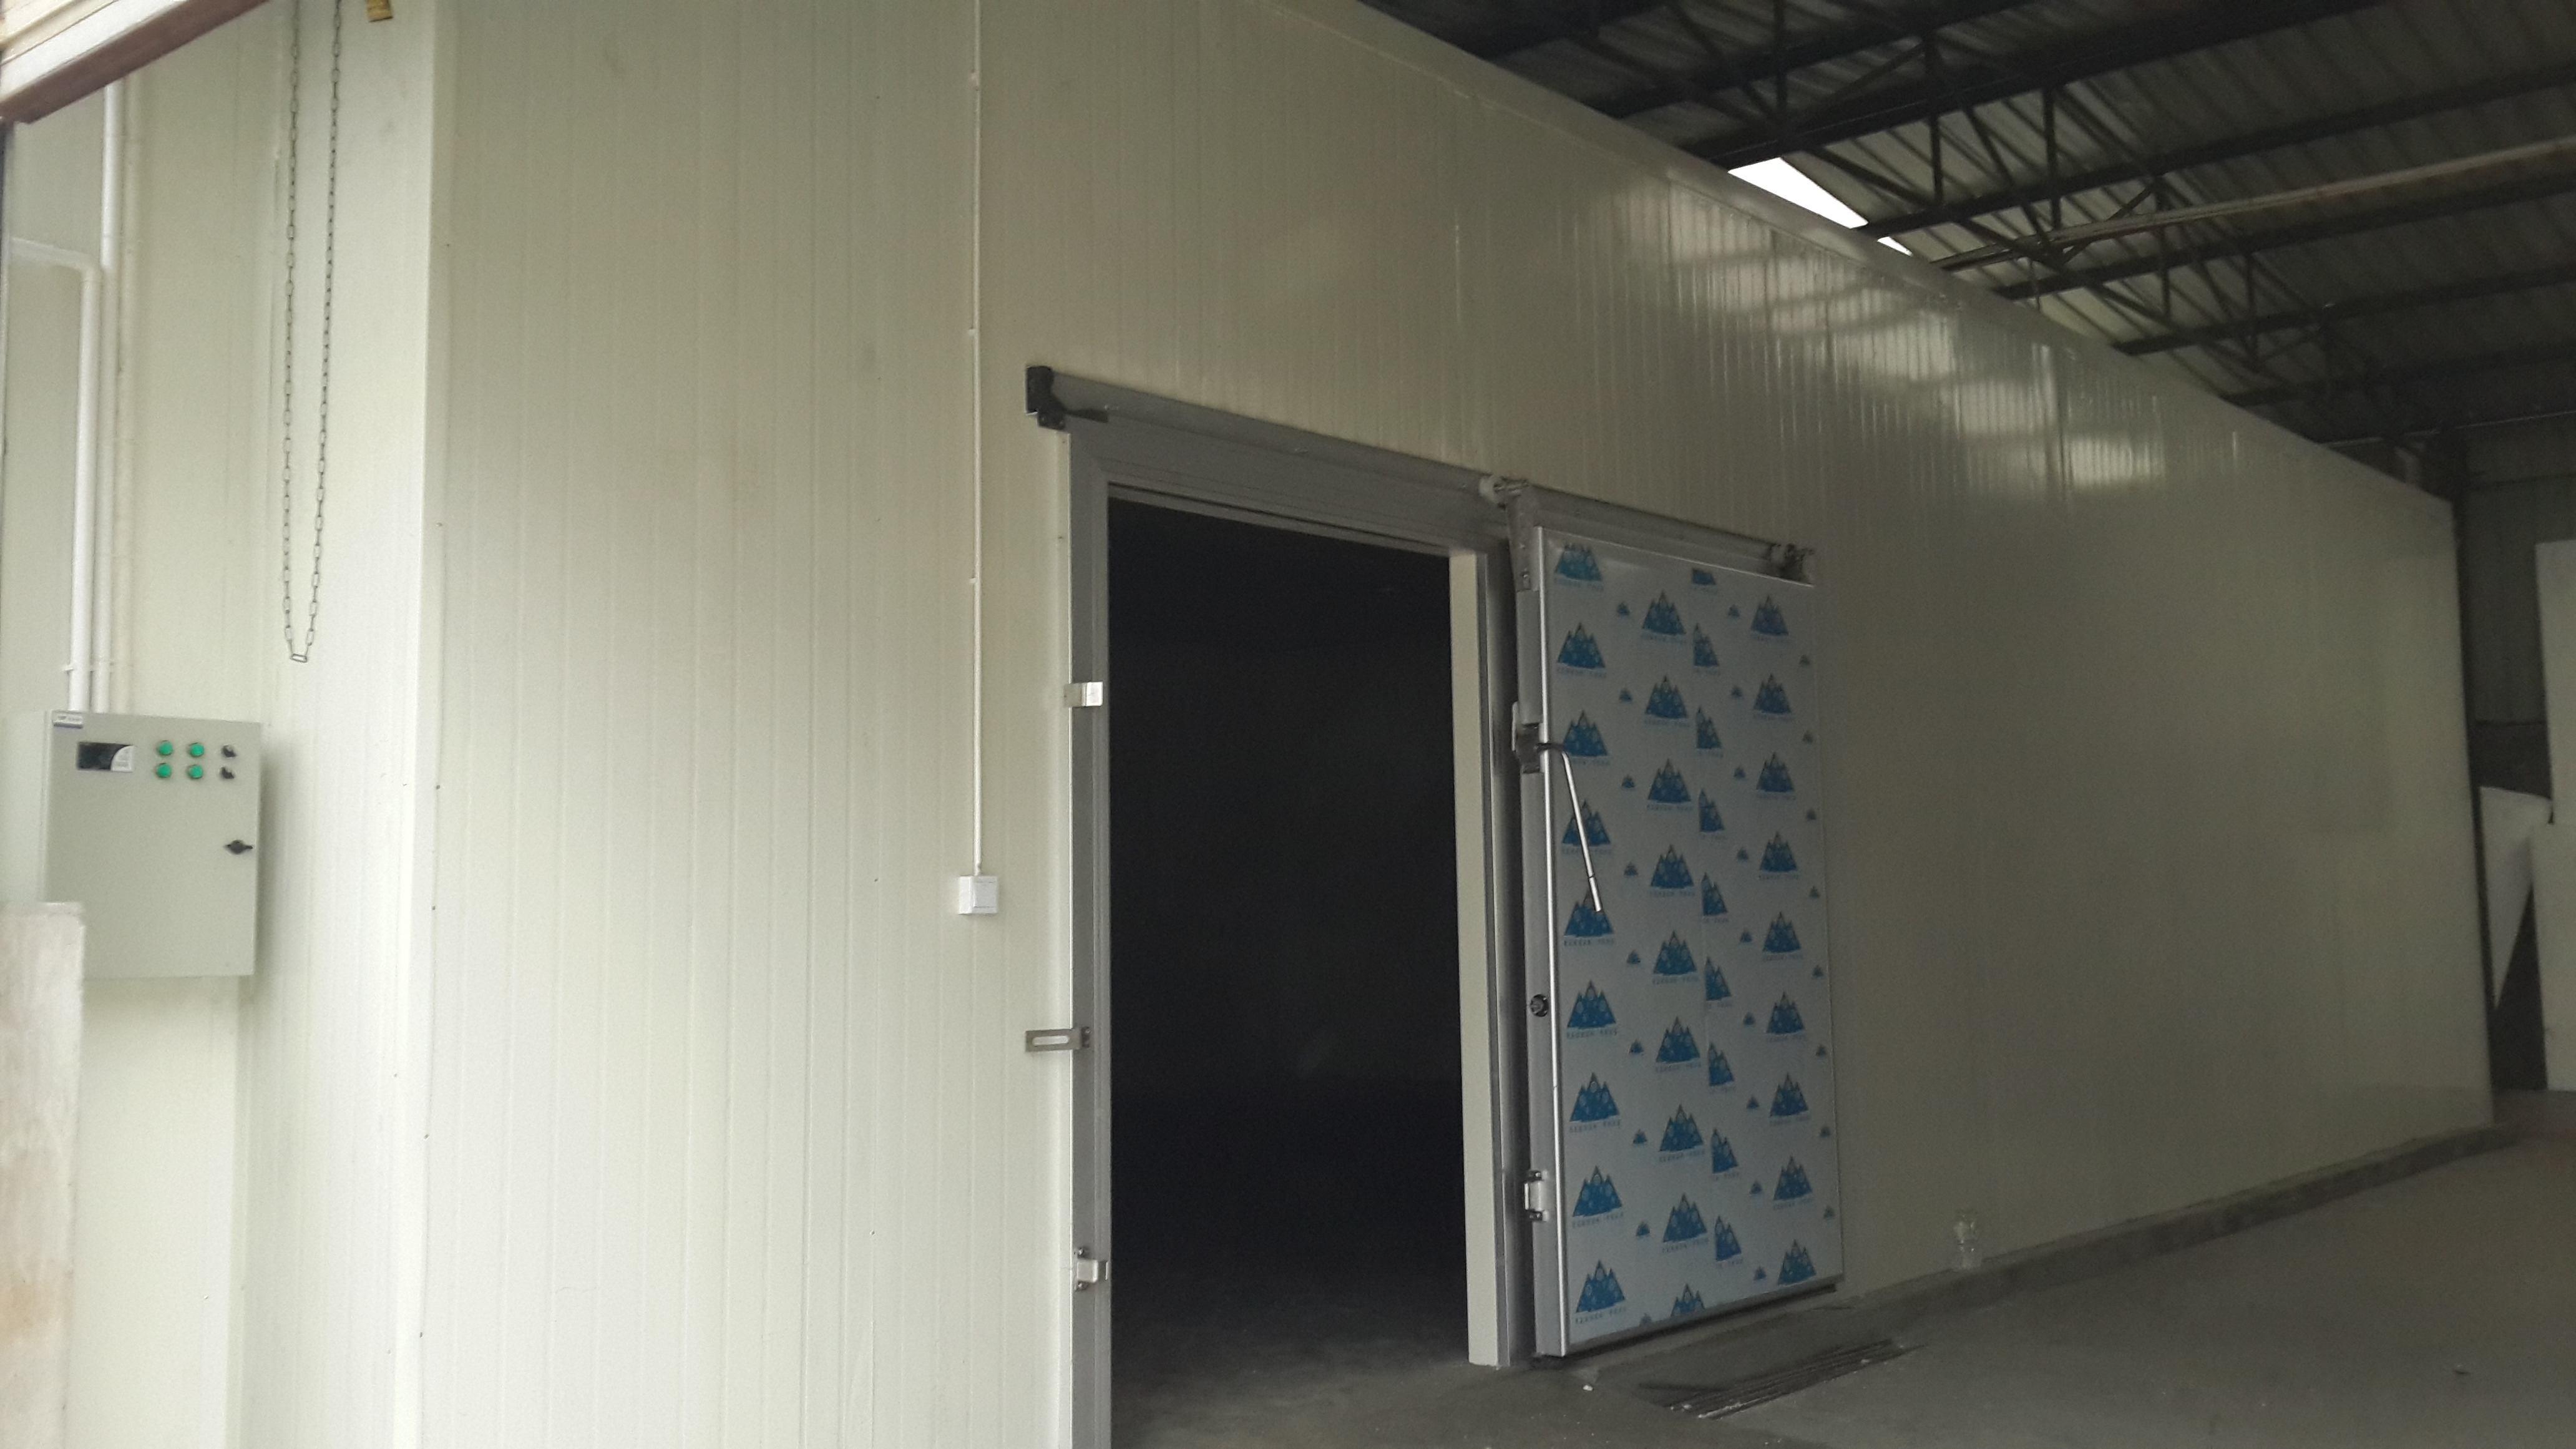 可以从哪几个方面对小型冷库进行验收?